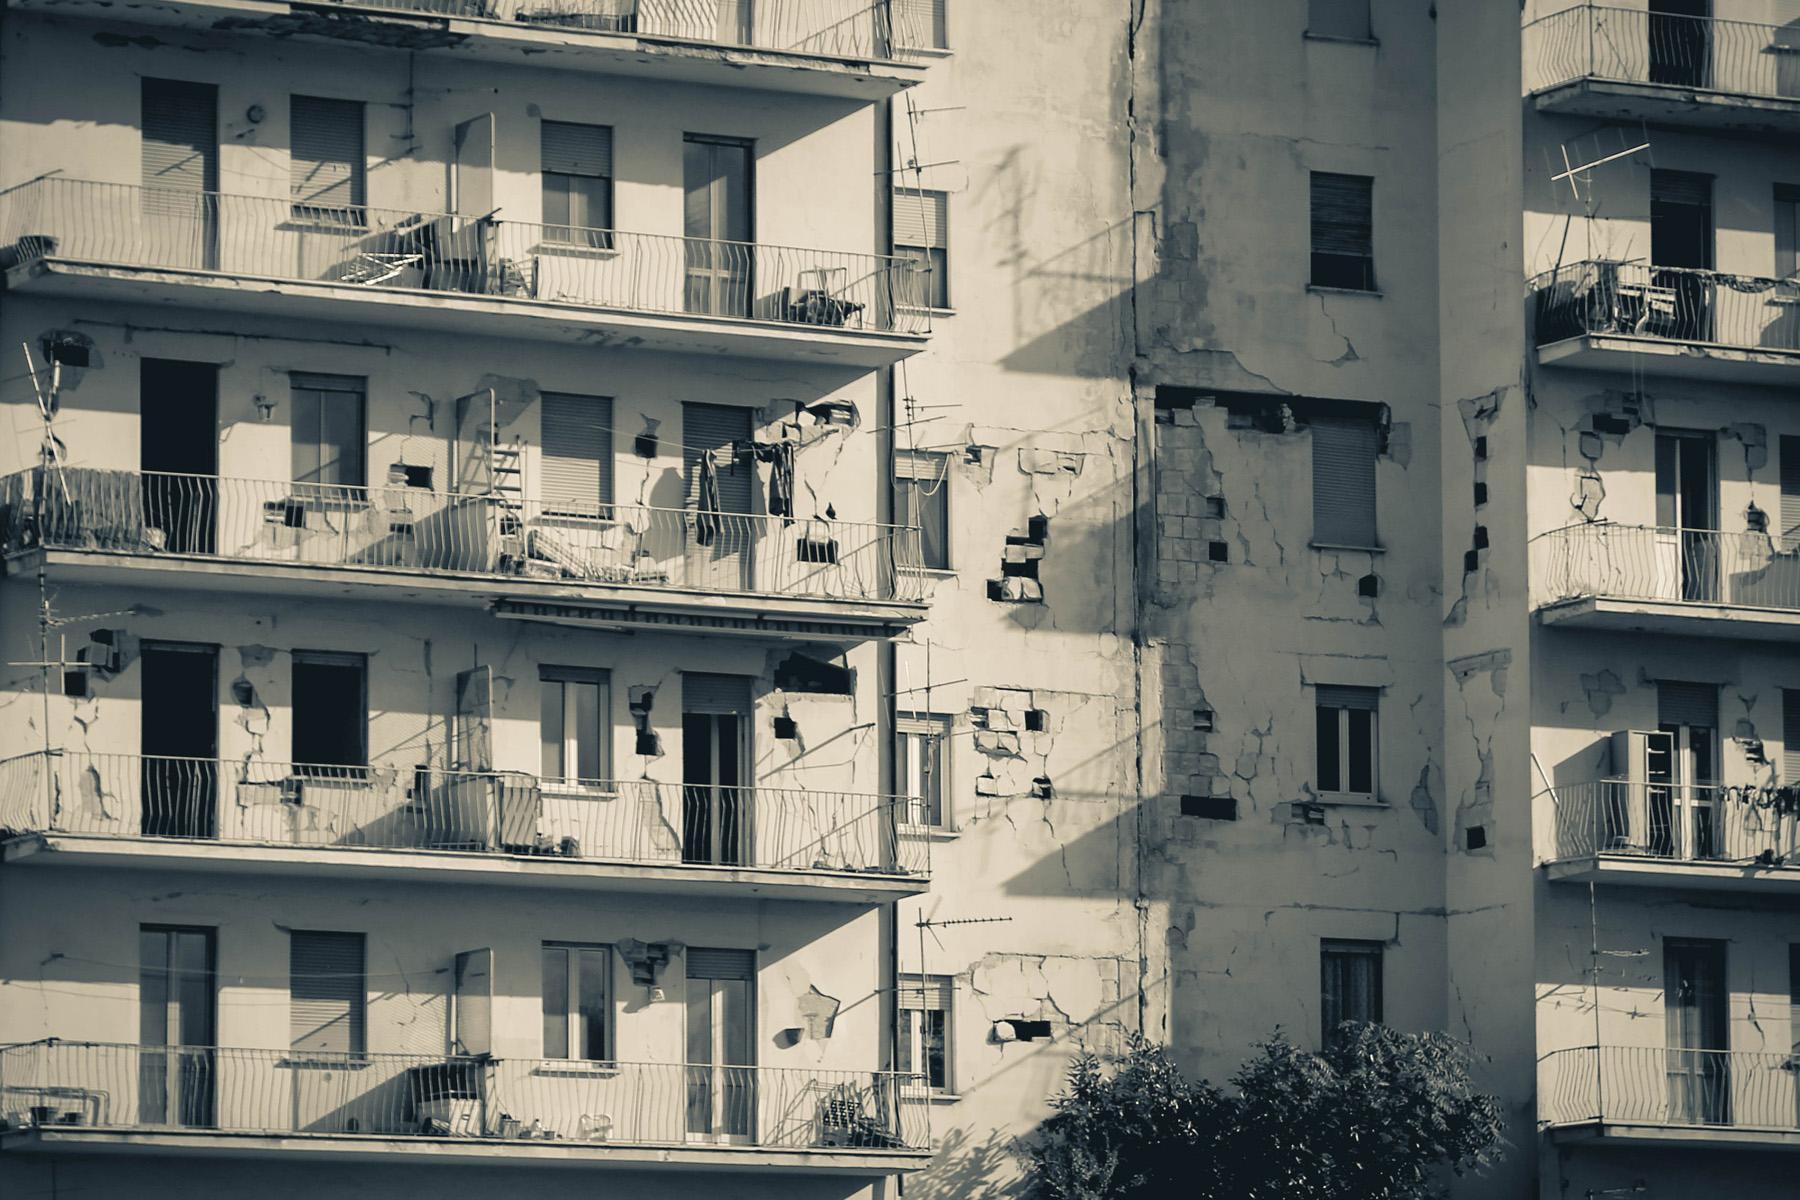 Zdjęcia miasta po trzęsieniu ziemi